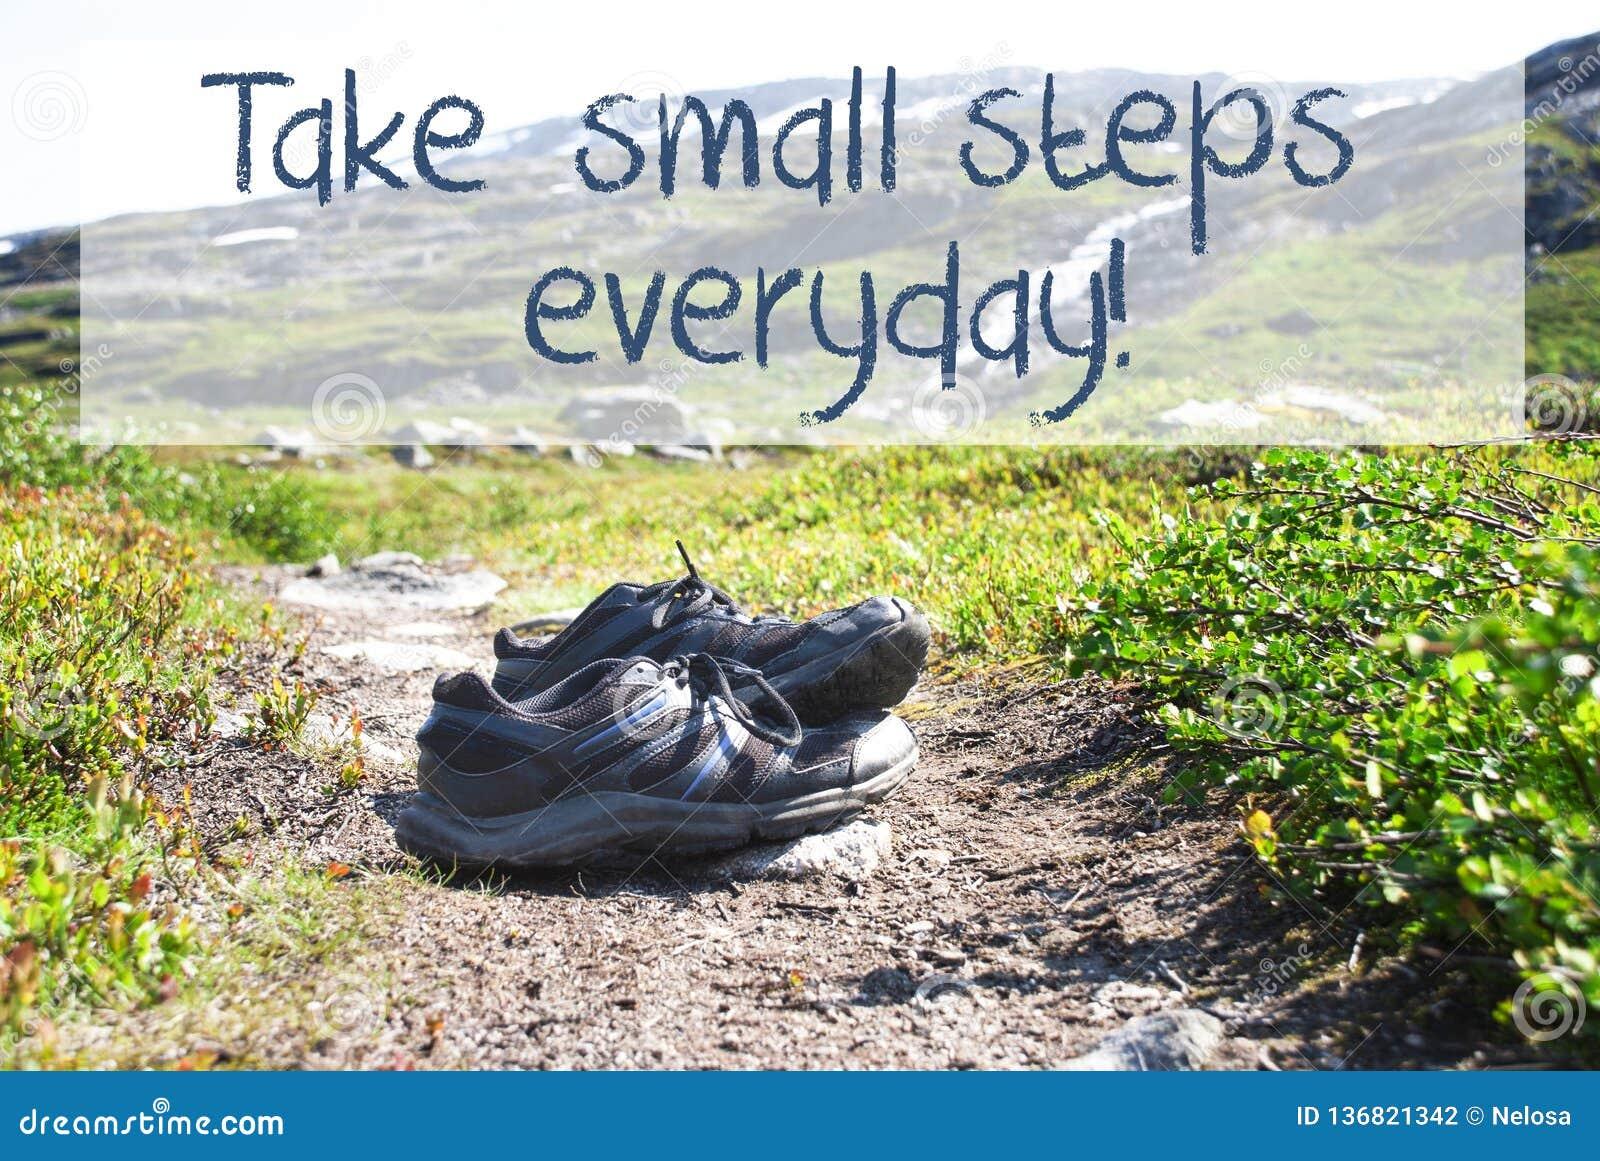 Schuhe auf Trekkings-Weg, unternehmen die kleinen täglichen Schritte